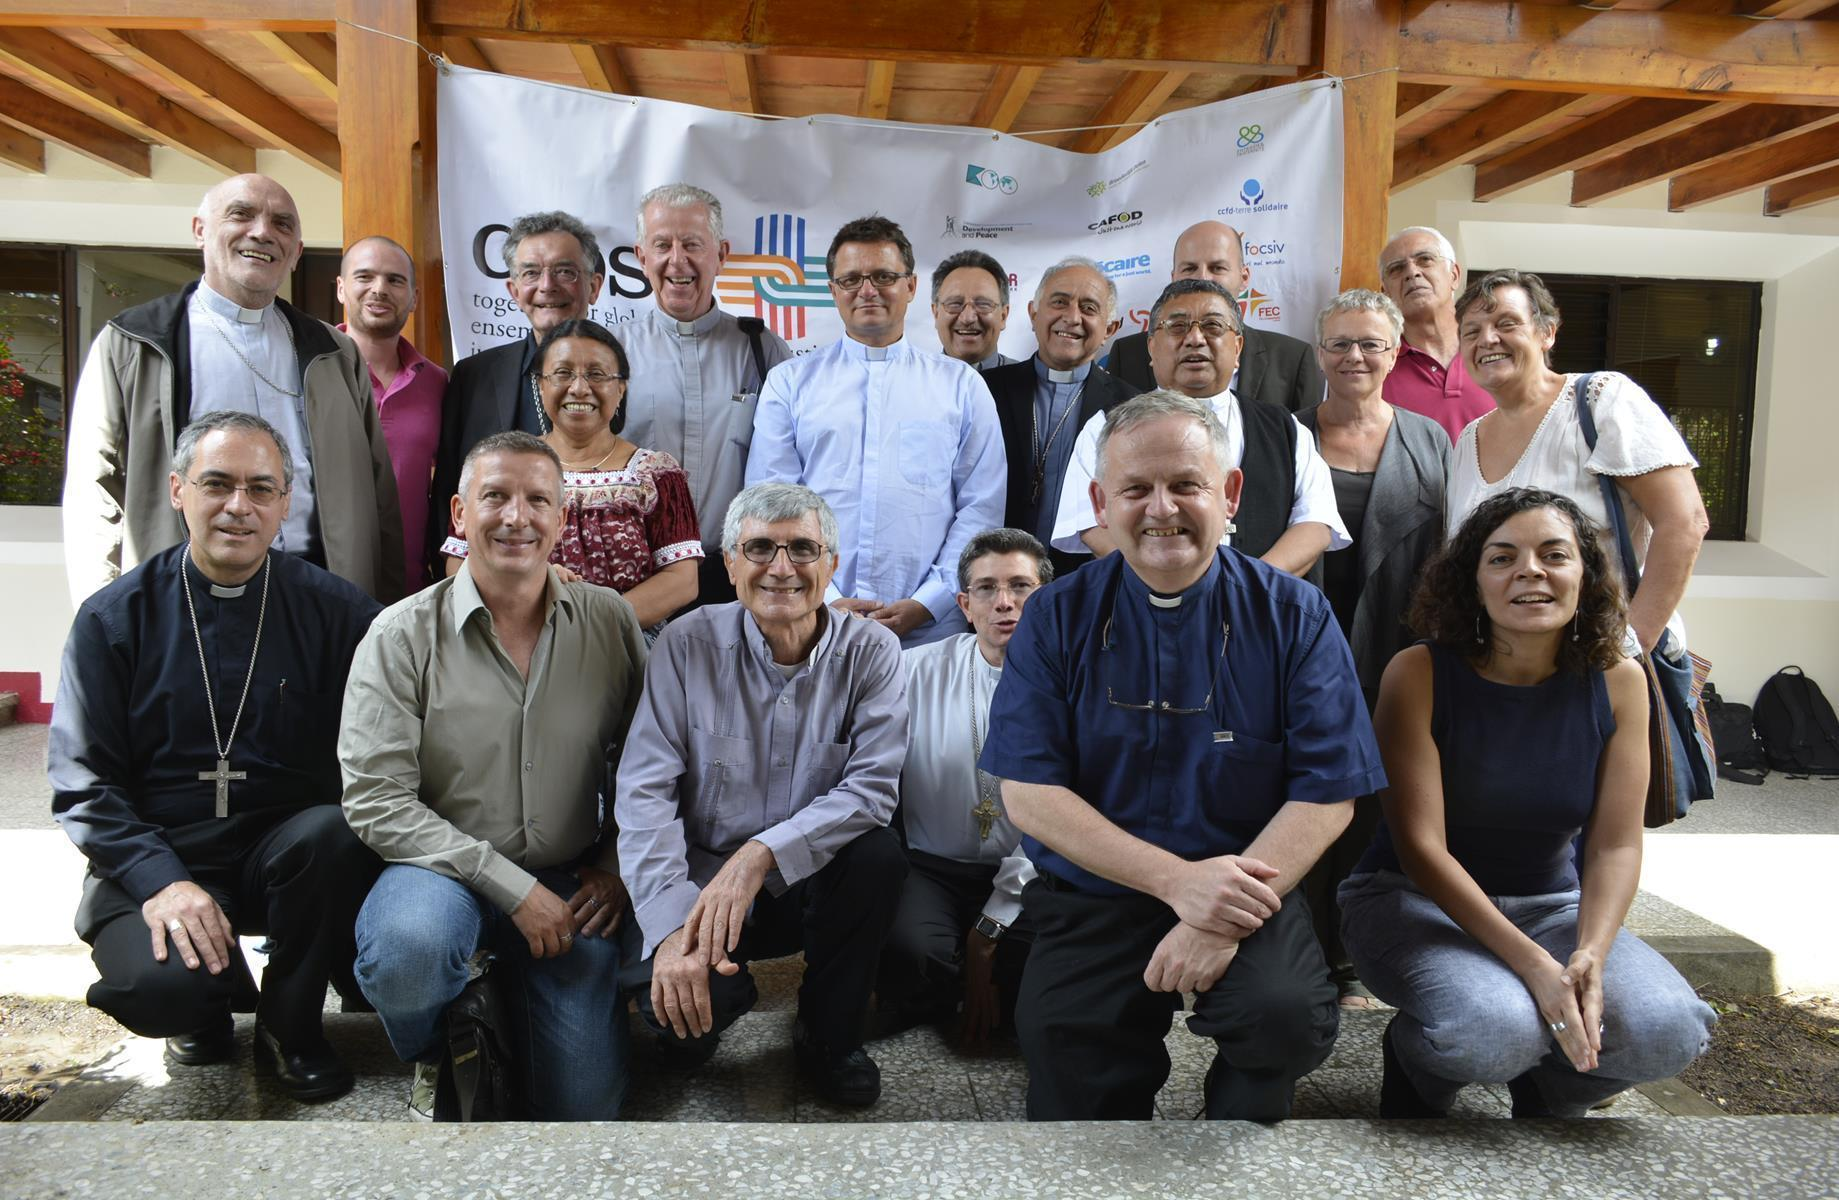 The delegation